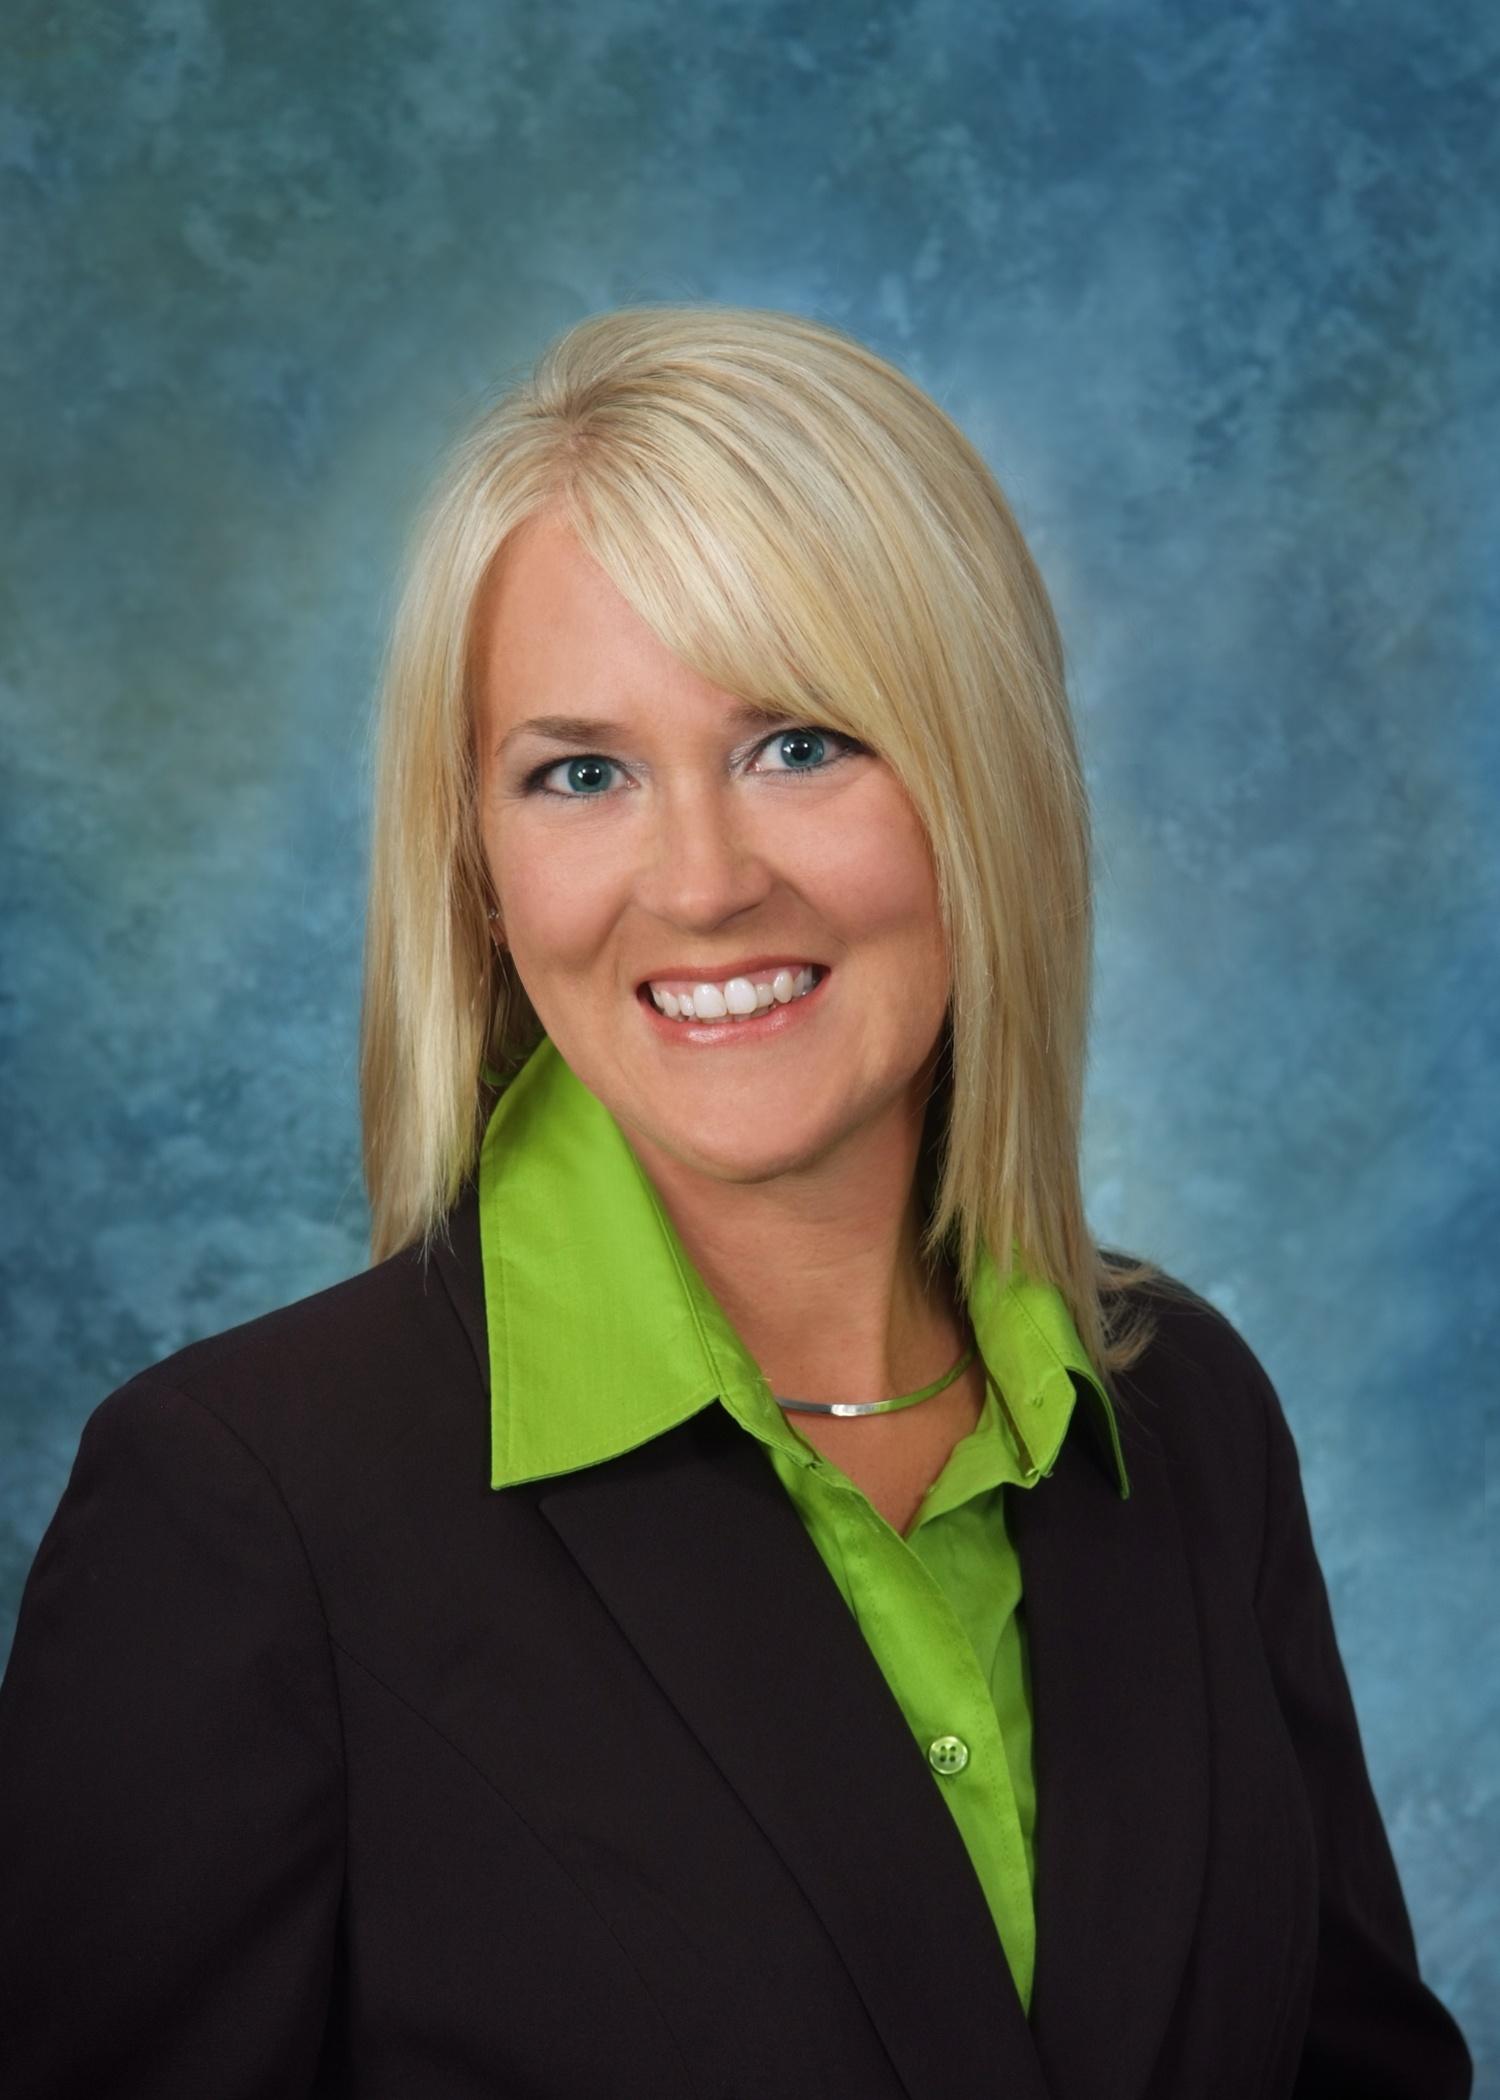 Alisha Reaman - Treasurer